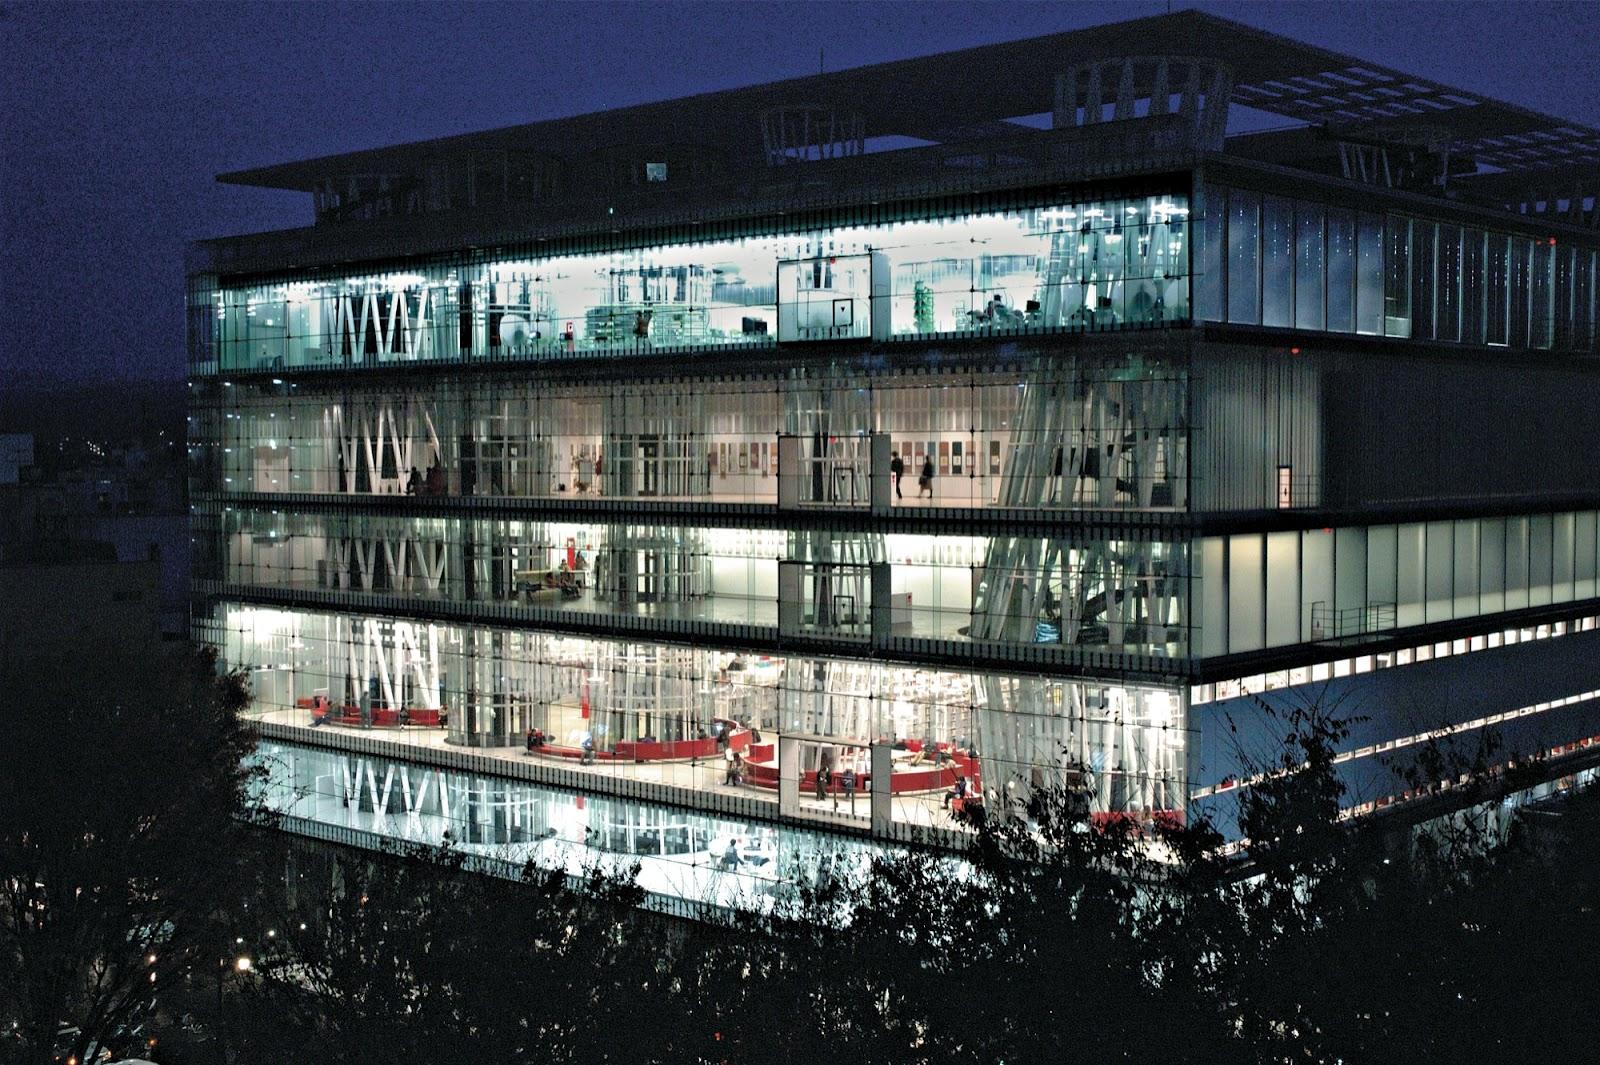 vista edificio - Toyo Ito ganador del premio Pritzker, un gran arquitecto